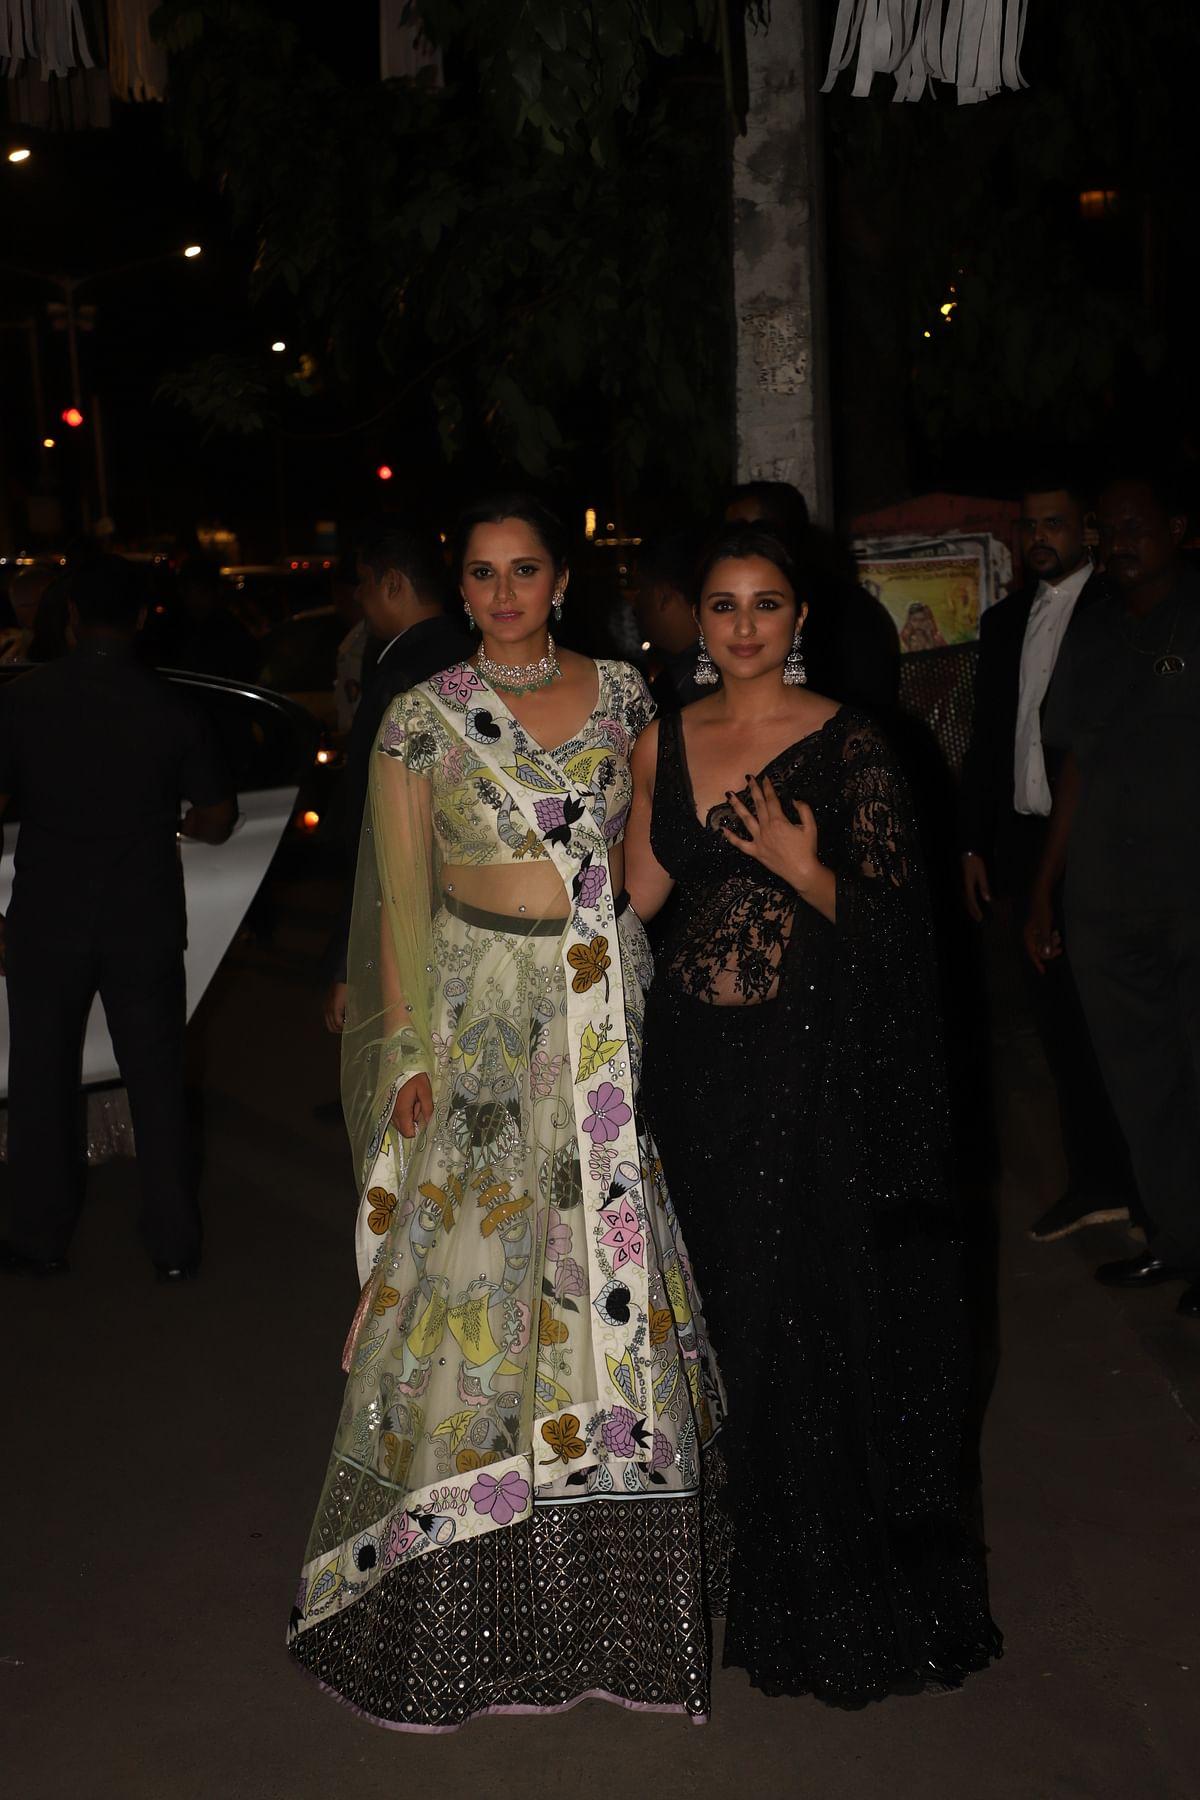 Parineeti Chopra with Sania Mirza